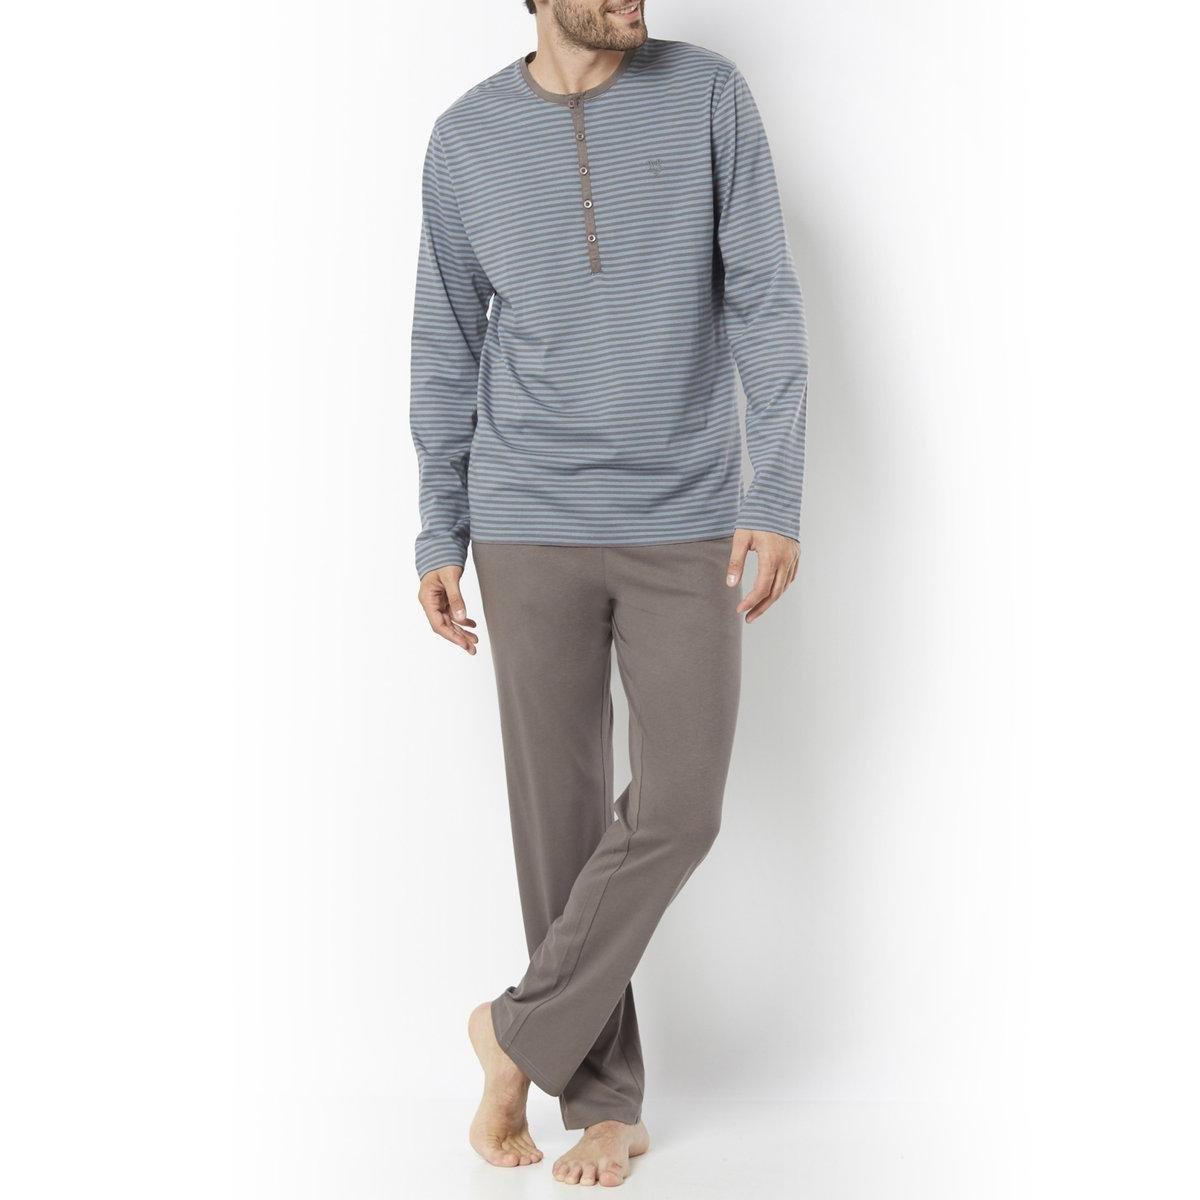 ПижамаДжерси, 100% хлопка. Футболка в полоску с длинными рукавами. Вышивка на груди. Однотонные брюки с эластичным поясом. 2 кармана по бокам.<br><br>Цвет: в полоску синий + белый,в полоску синий/светло-серый<br>Размер: M.L.M